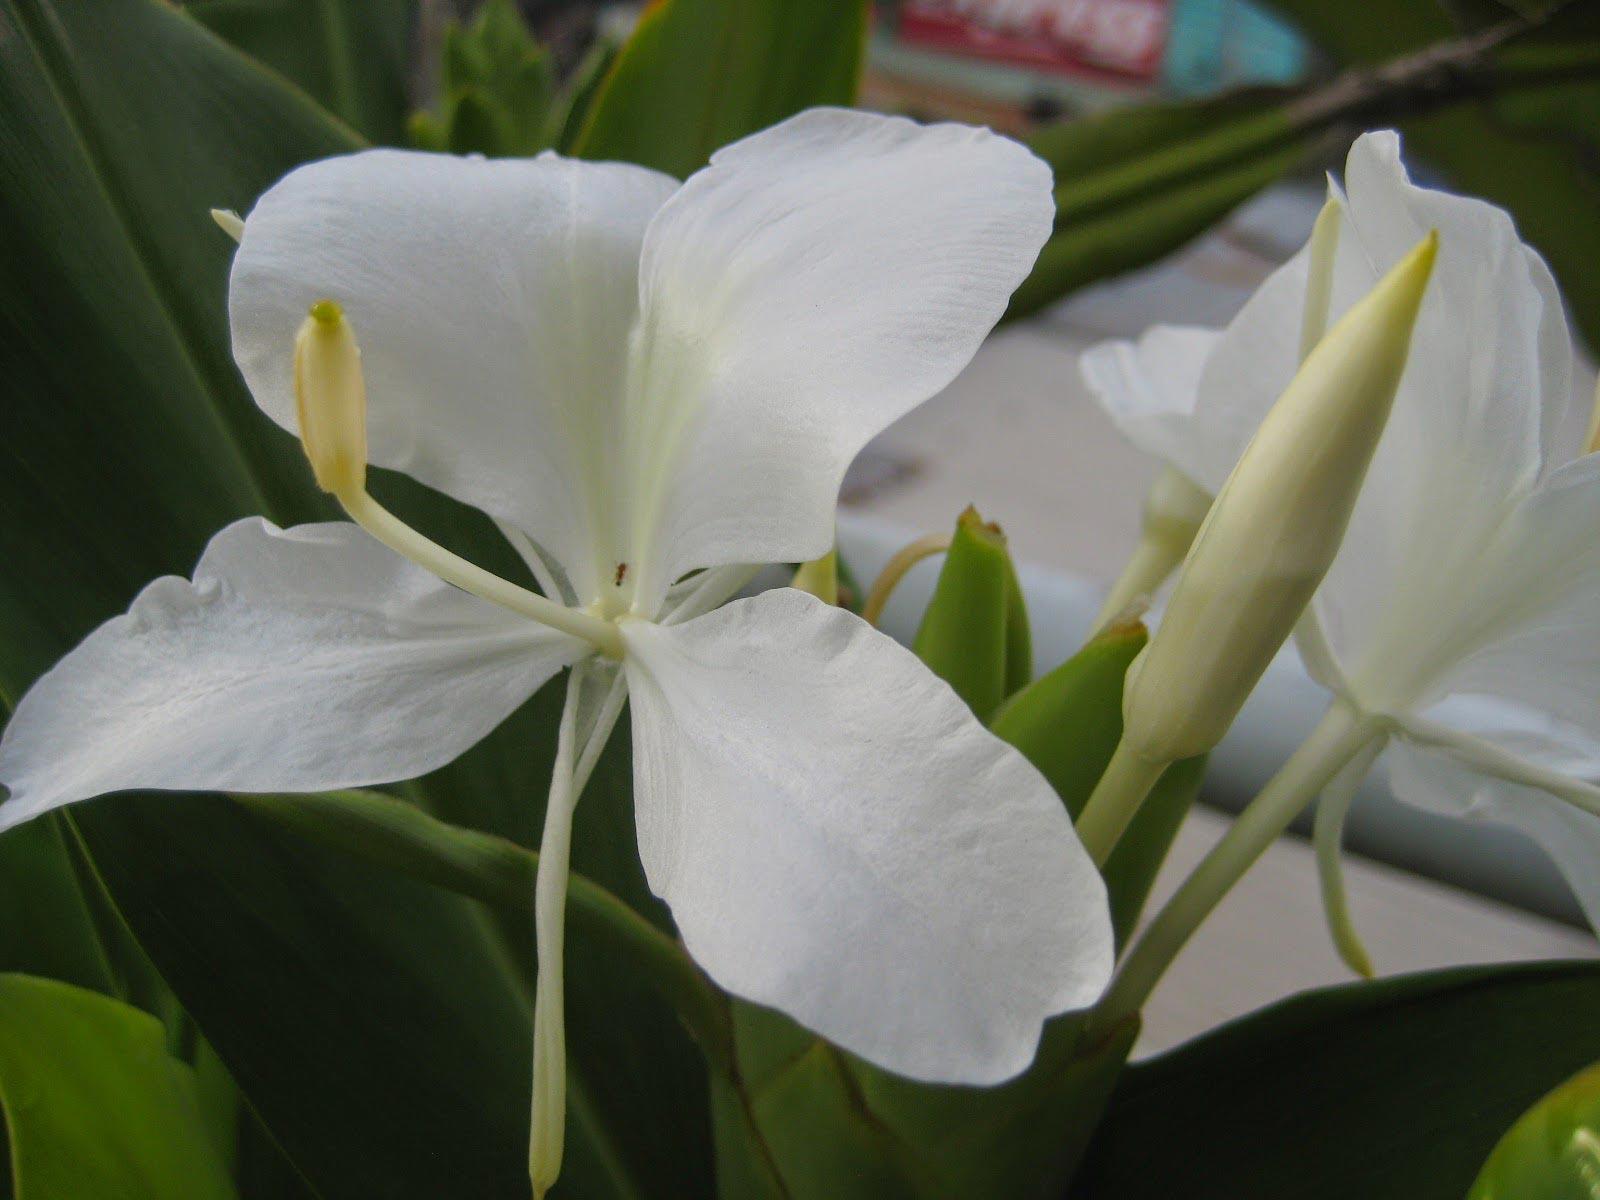 hoa bạch yến - hoa tươi văn nam 3